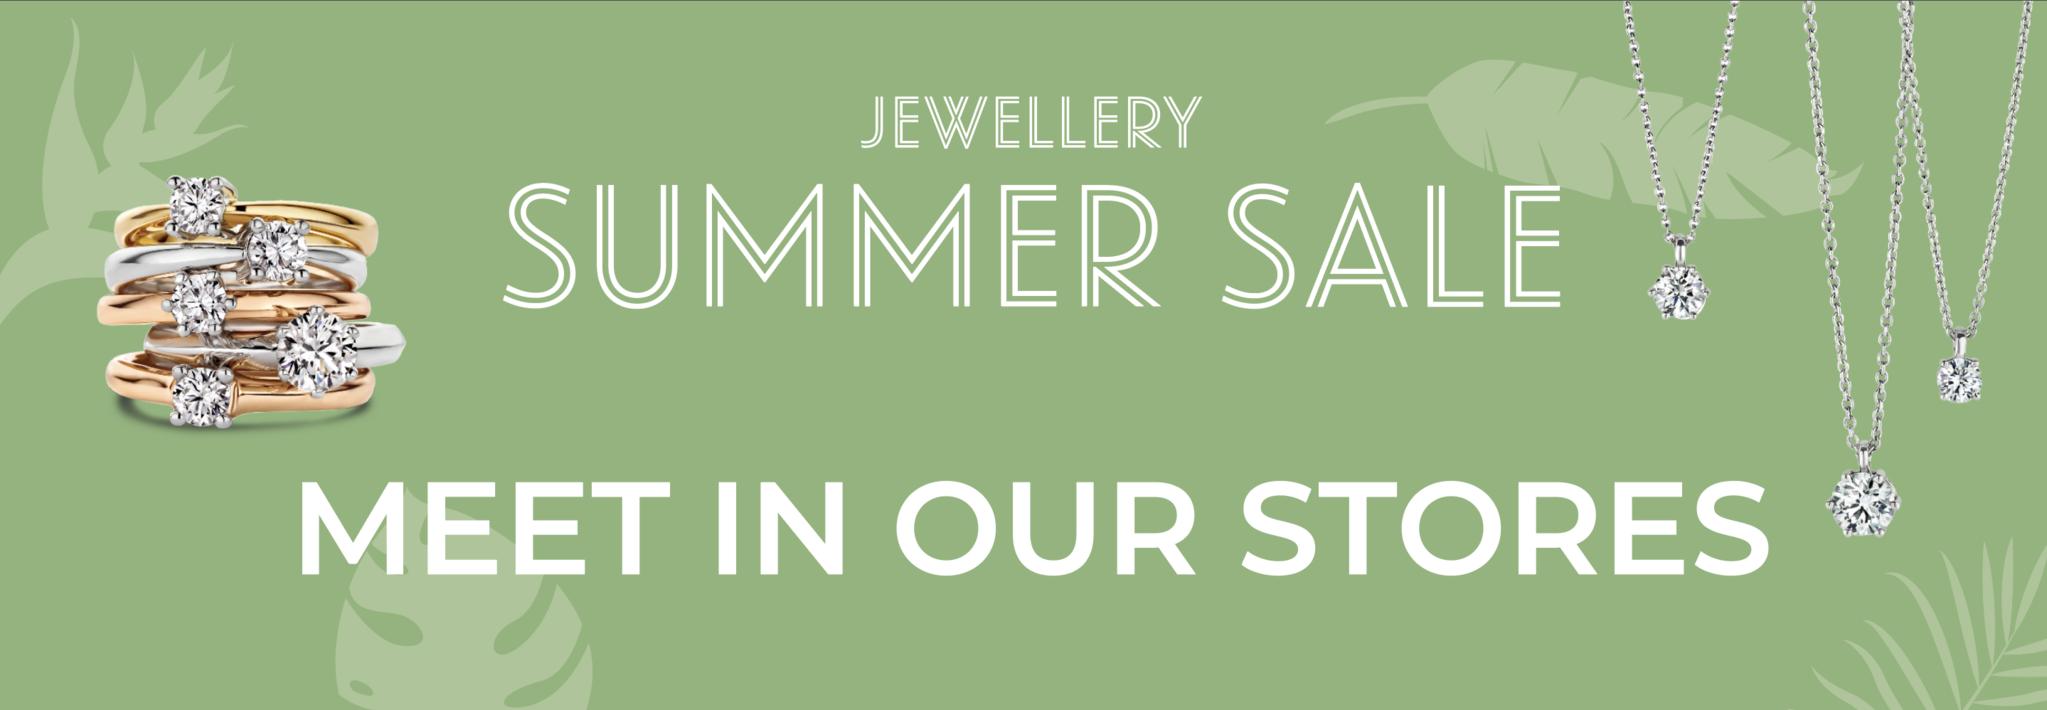 Schaap en Citroen sieraden Summer Sale vanaf 1 juli